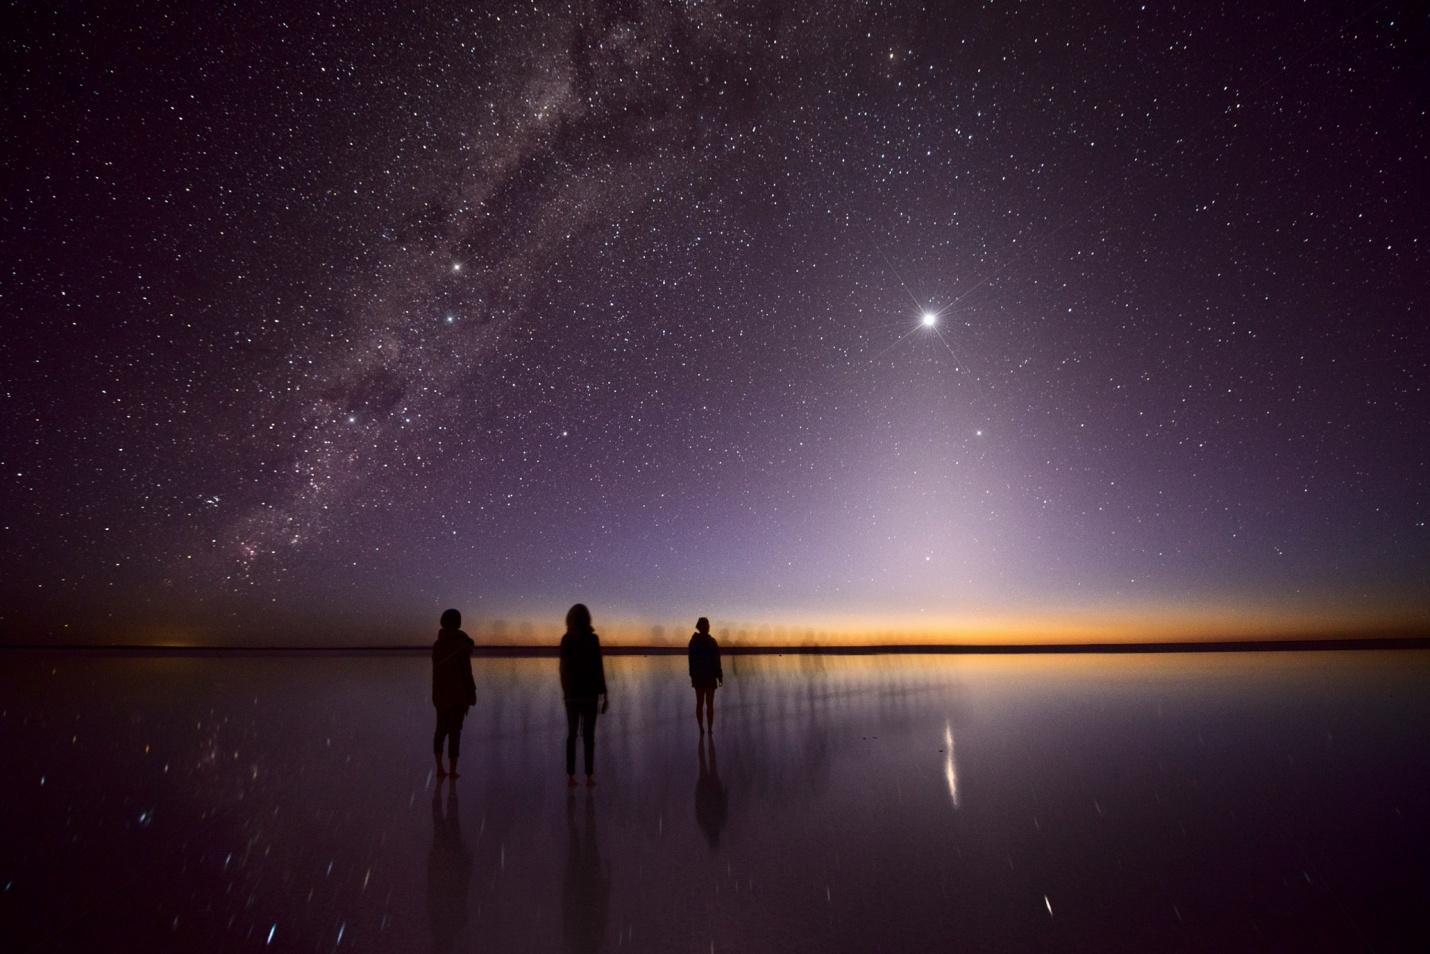 astrofotografia-fotografia-spazio-astronomia-15